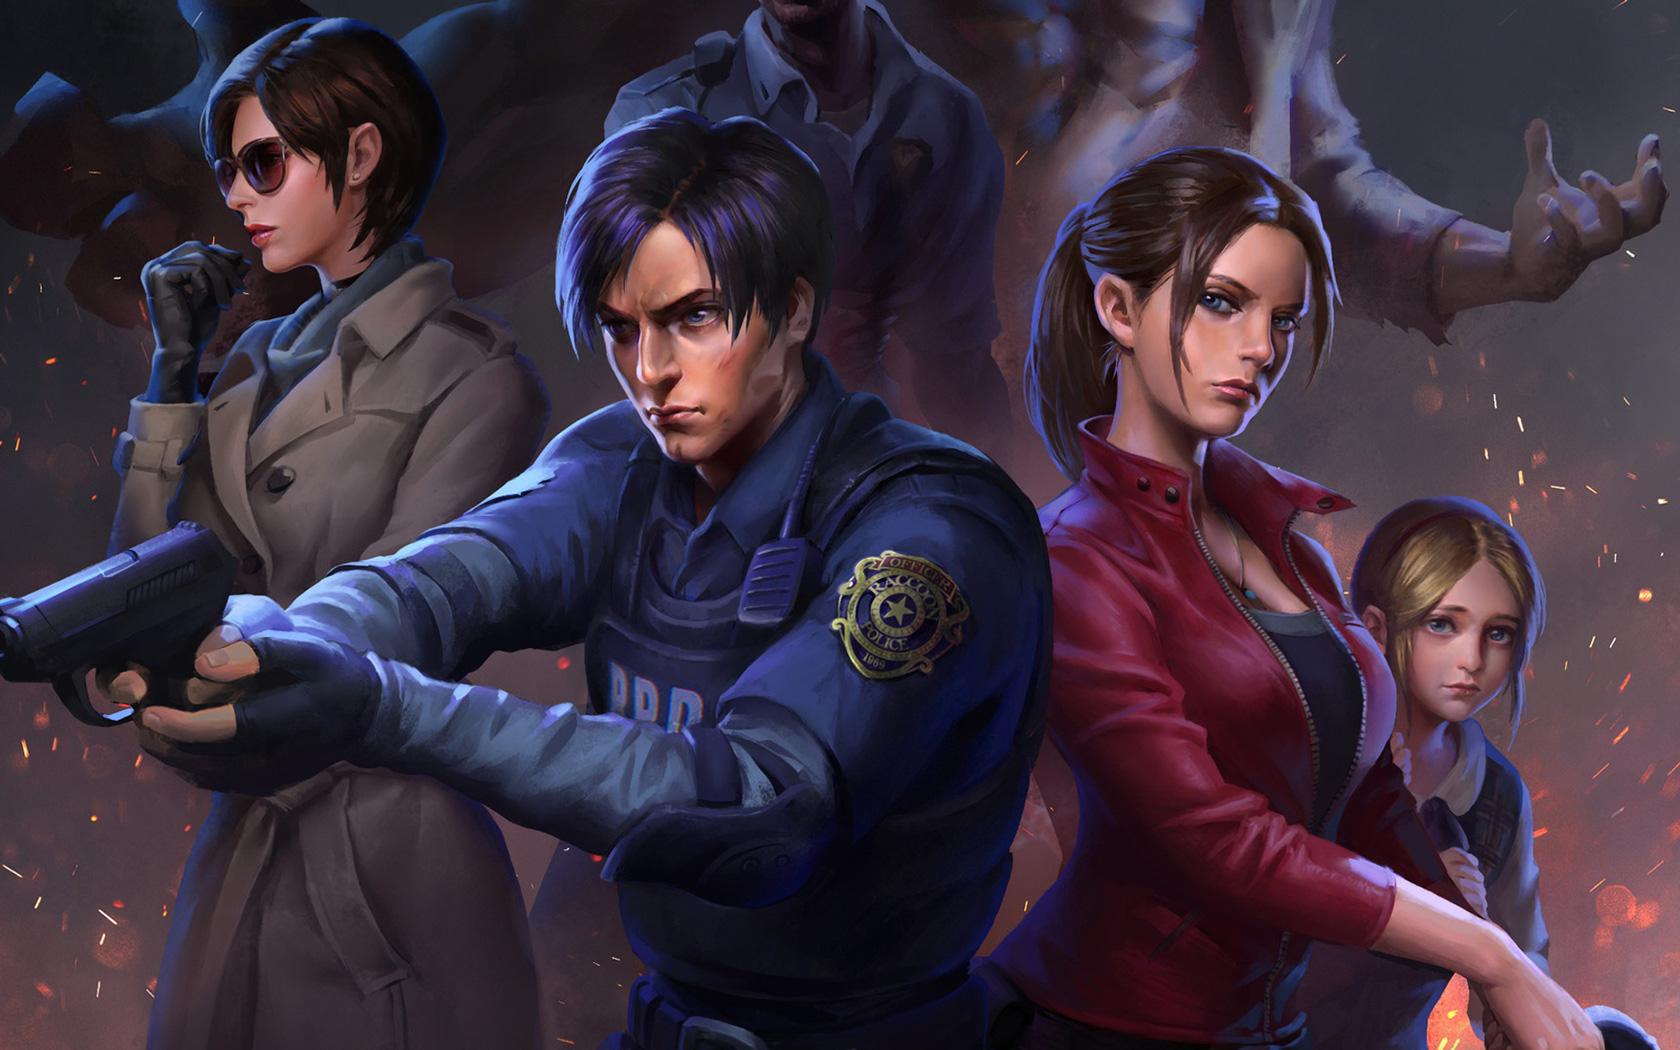 Free Resident Evil 2 Wallpaper in 1680x1050